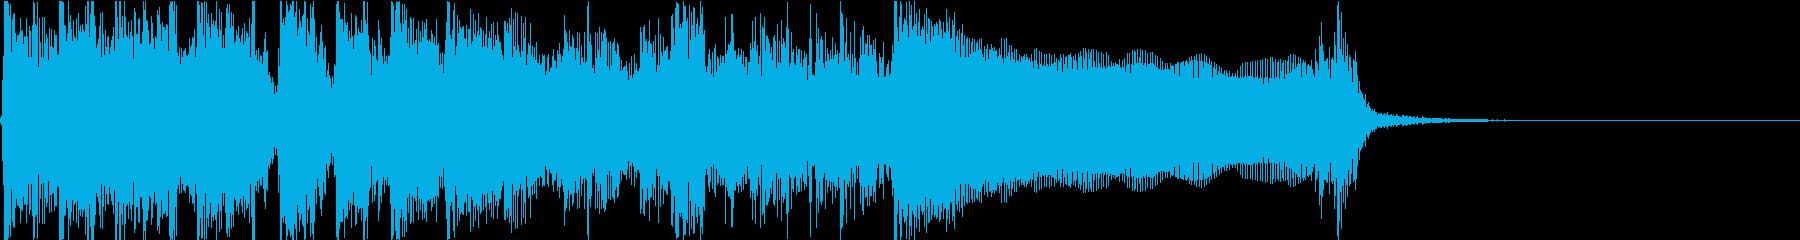 生演奏でのハードなロックジングルL2の再生済みの波形